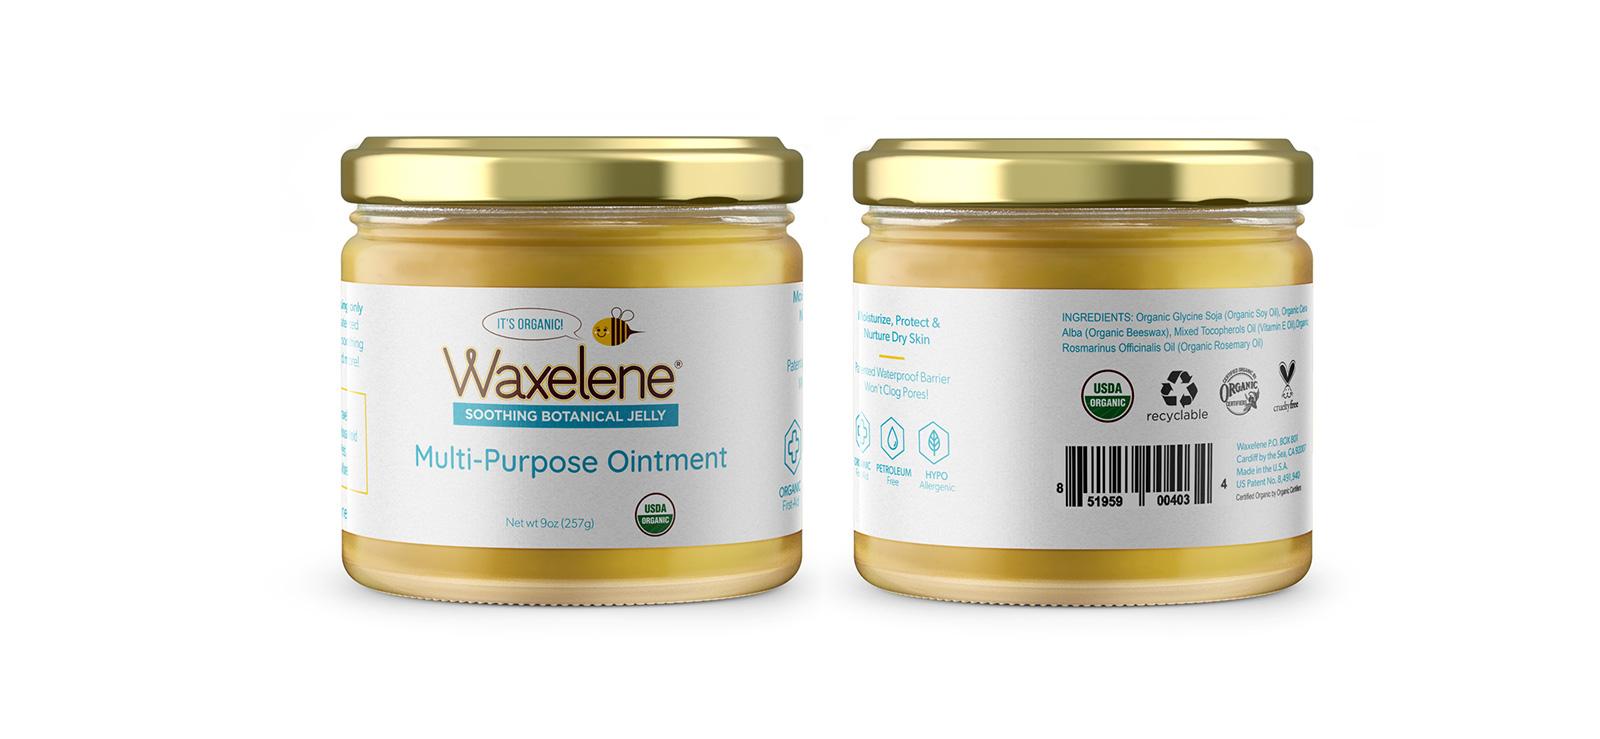 packaging design. label design.